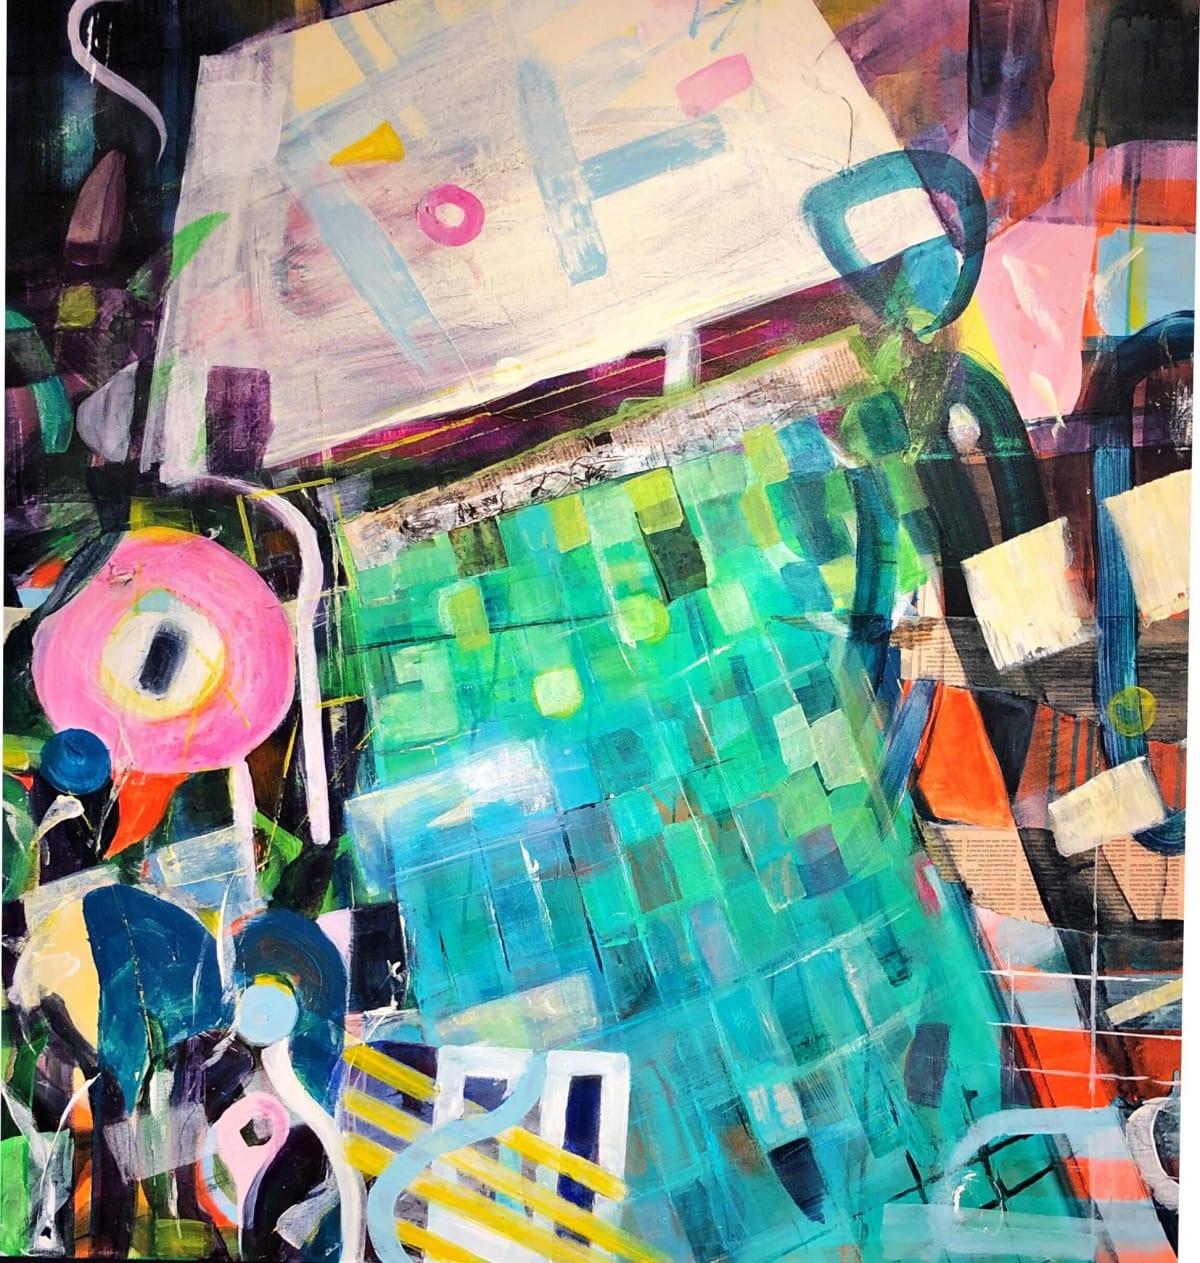 Putney School of Art and Design, Cityscape 'Pool', Kira Behnert